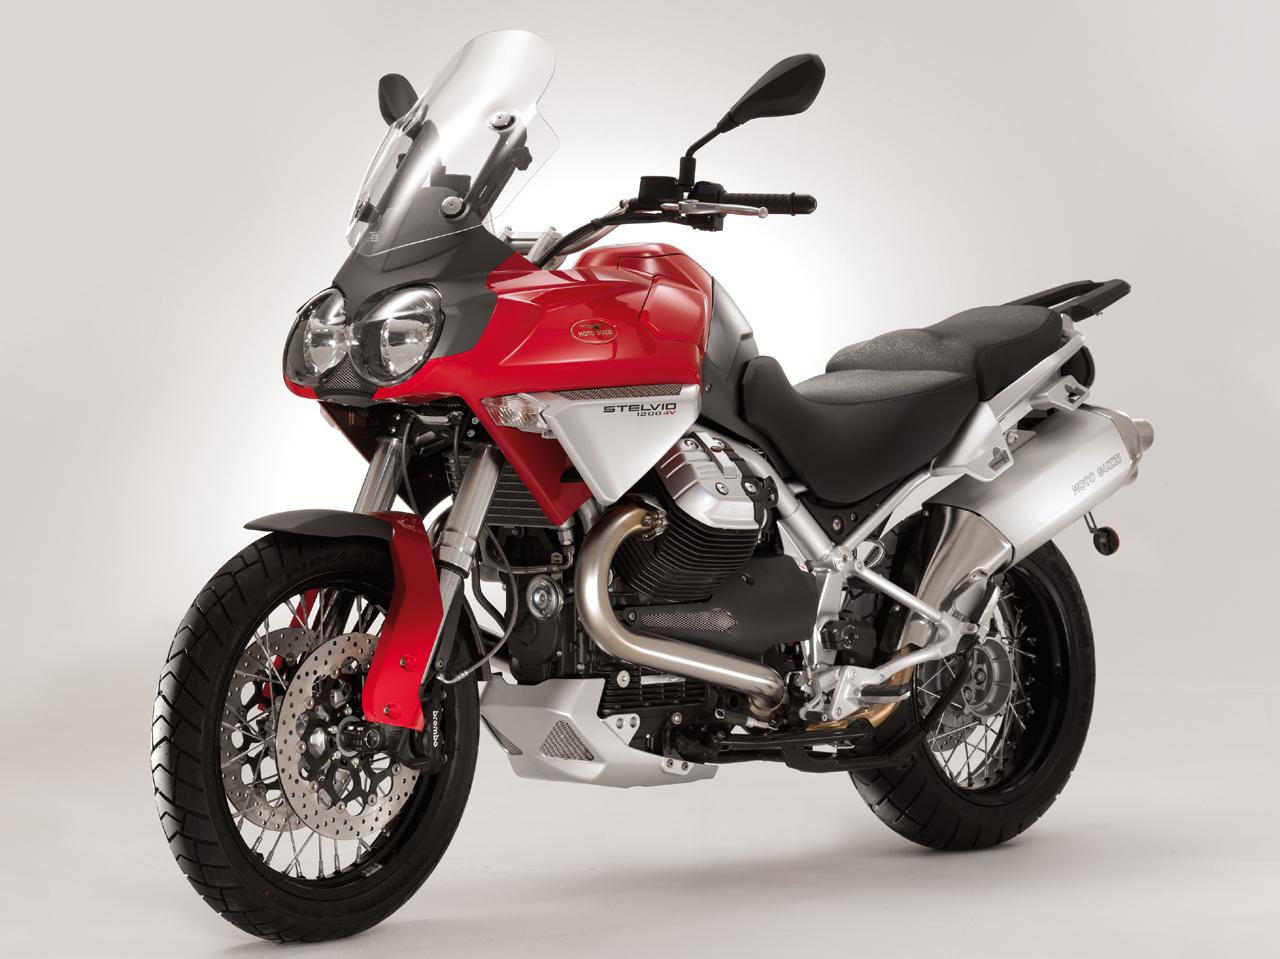 Piaggio to Launch Moto Guzzi in India